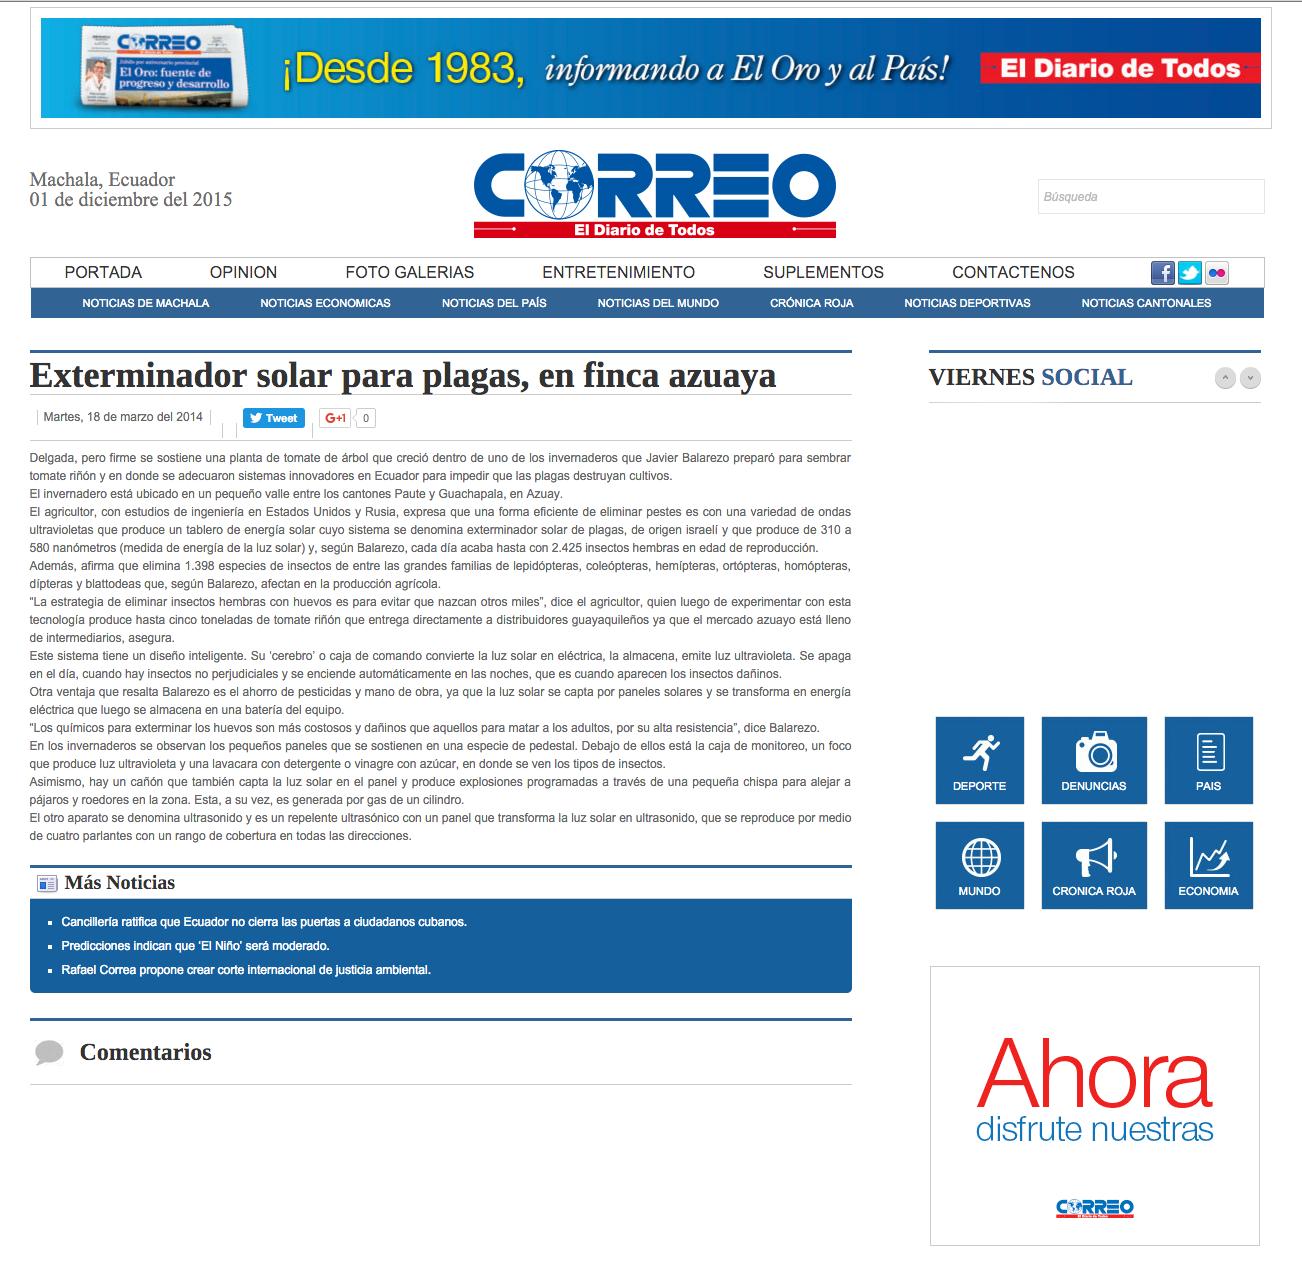 Reportaje Diario Correo